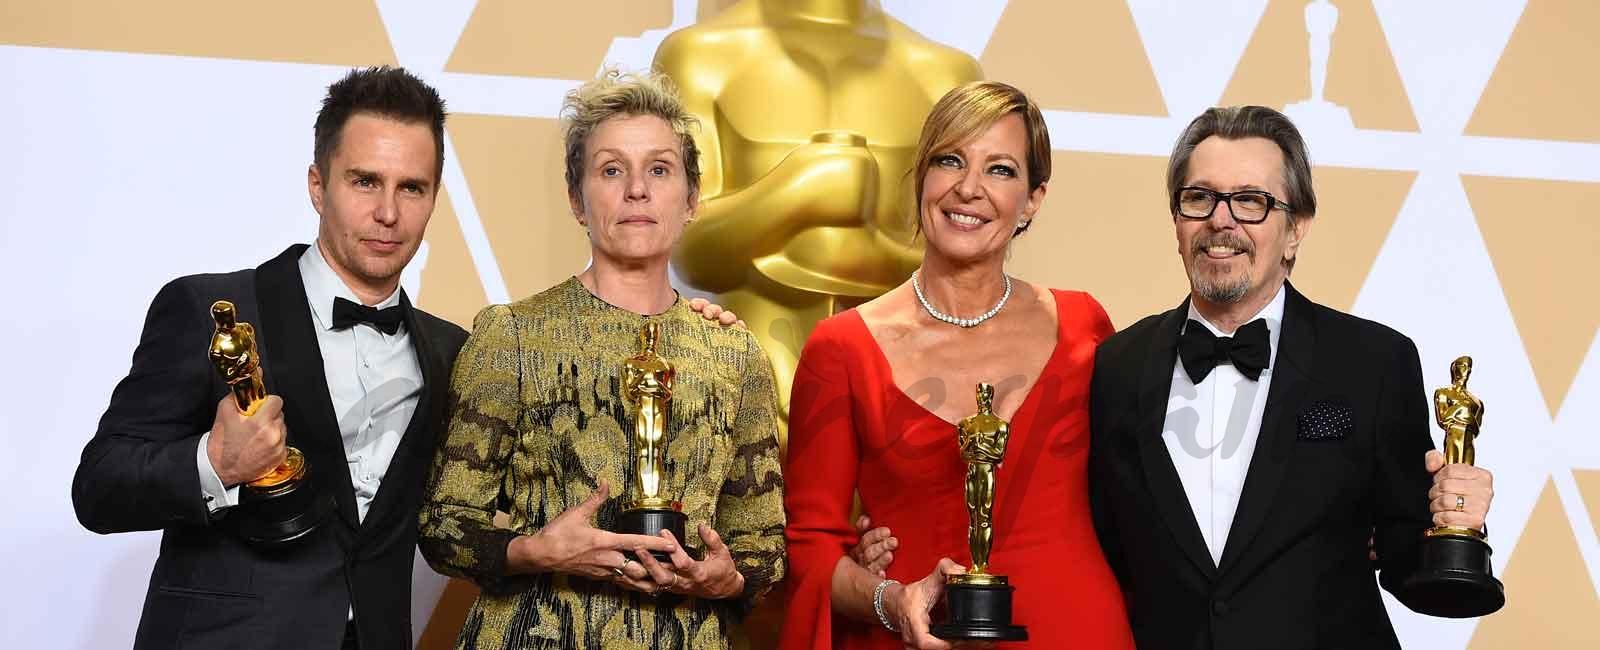 Oscars 2018: Lista completa de ganadores